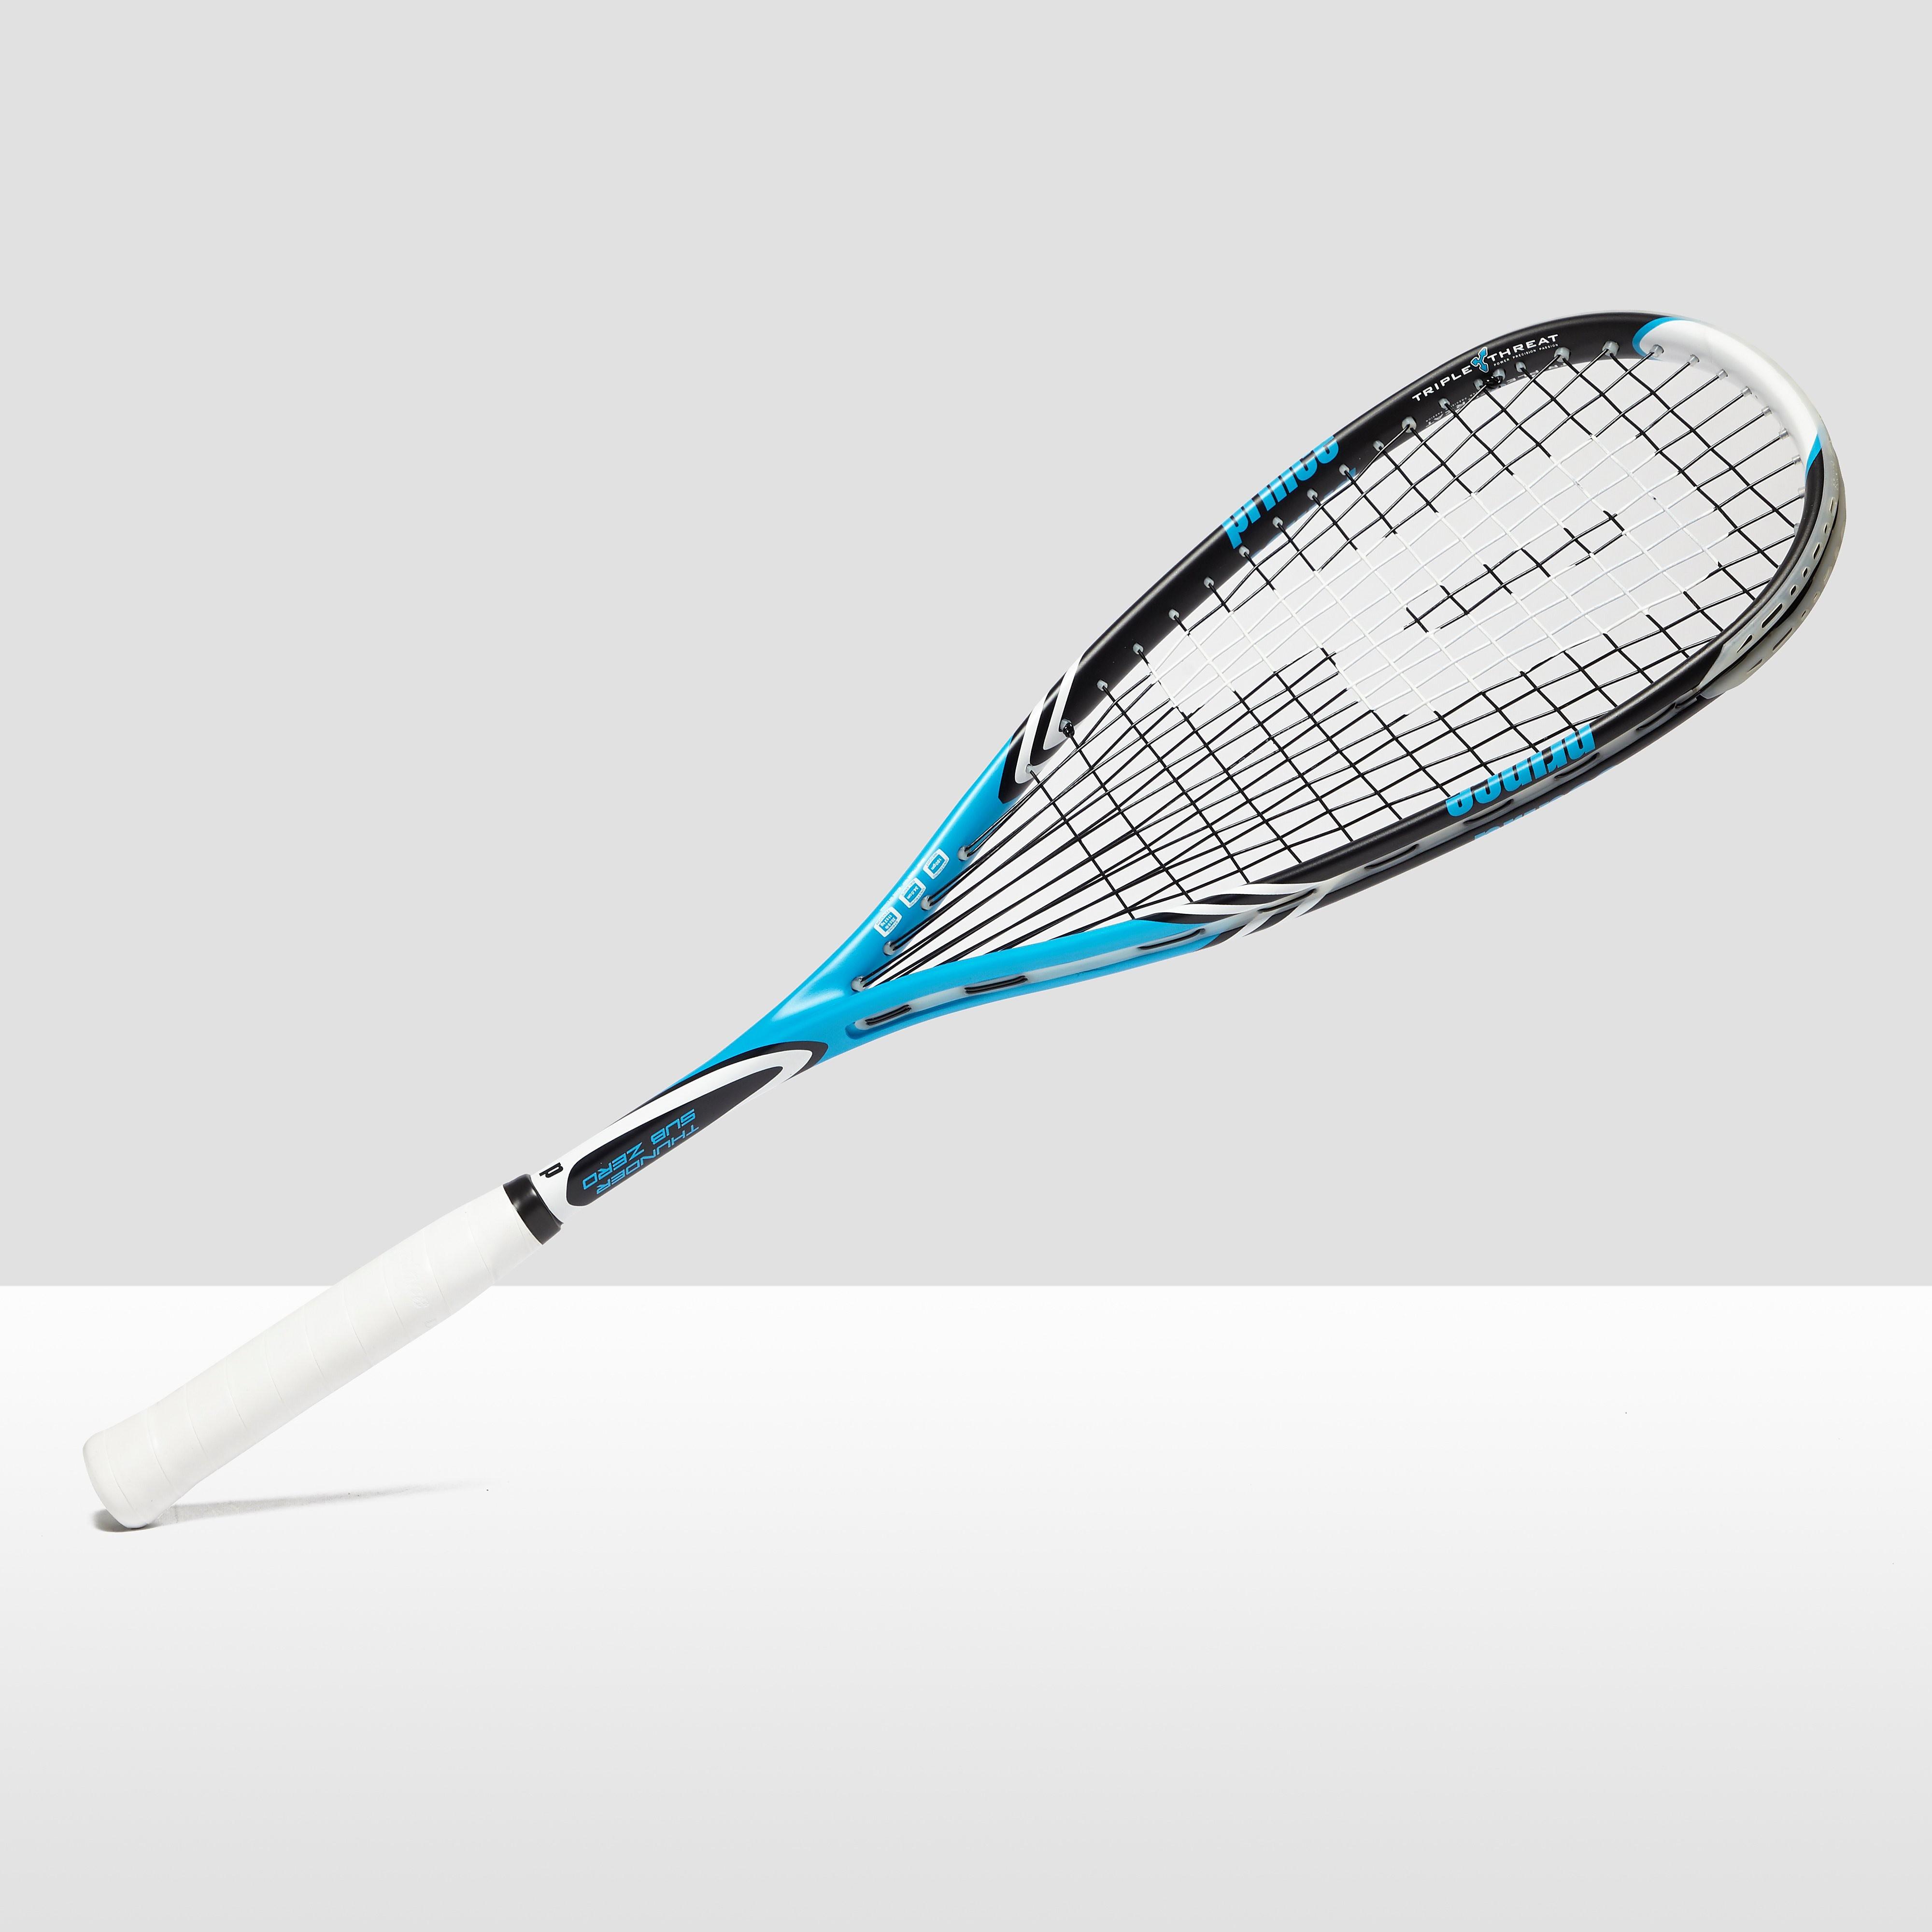 Prince Thunder Sub Zero 200 Squash Racket